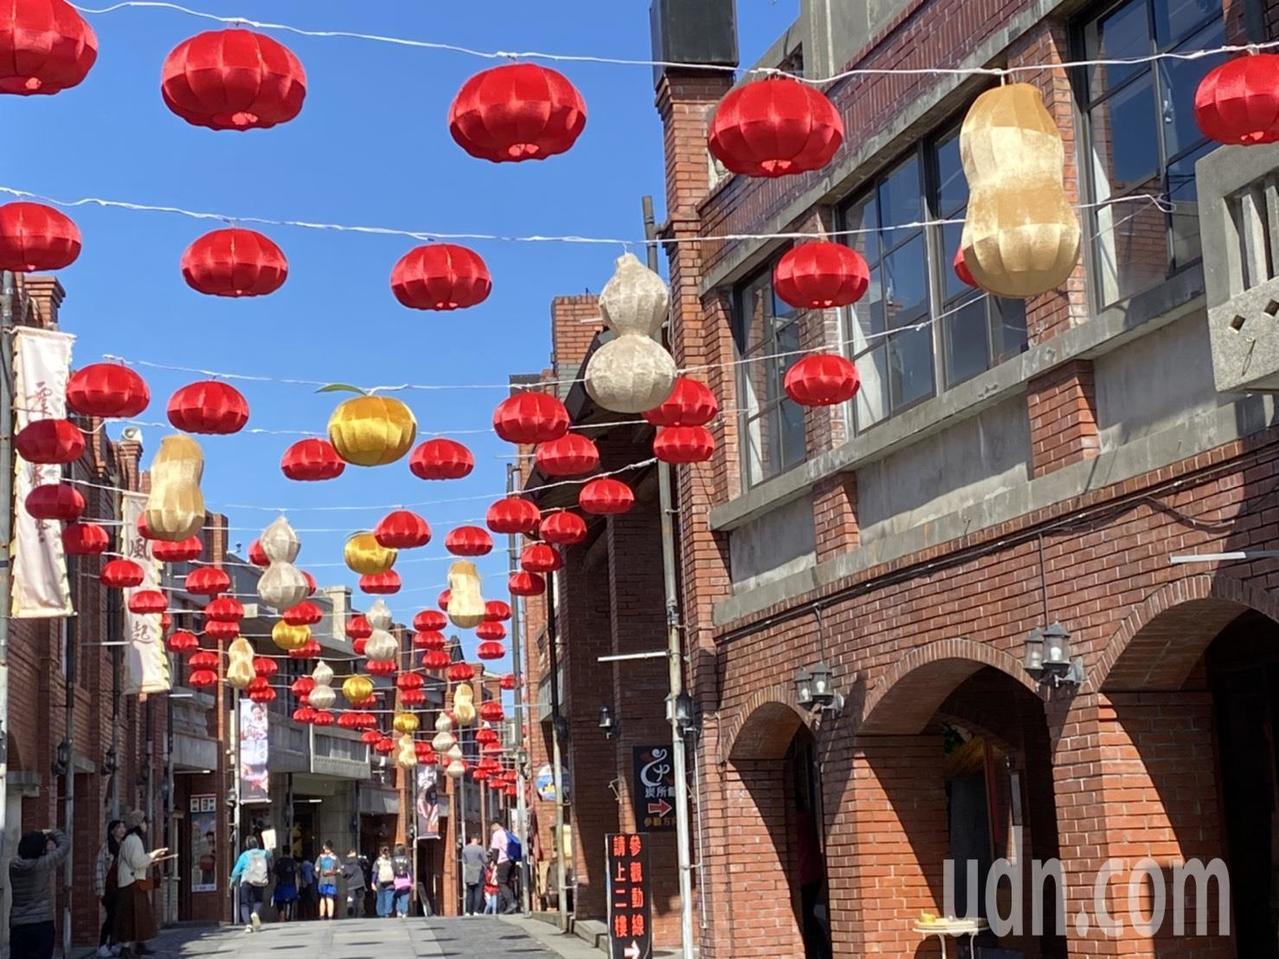 宜蘭園區被譽為全臺灣最有年味的地方,今年以上千盞燈籠裝飾,推出「傳藝燈籠節-燈來...